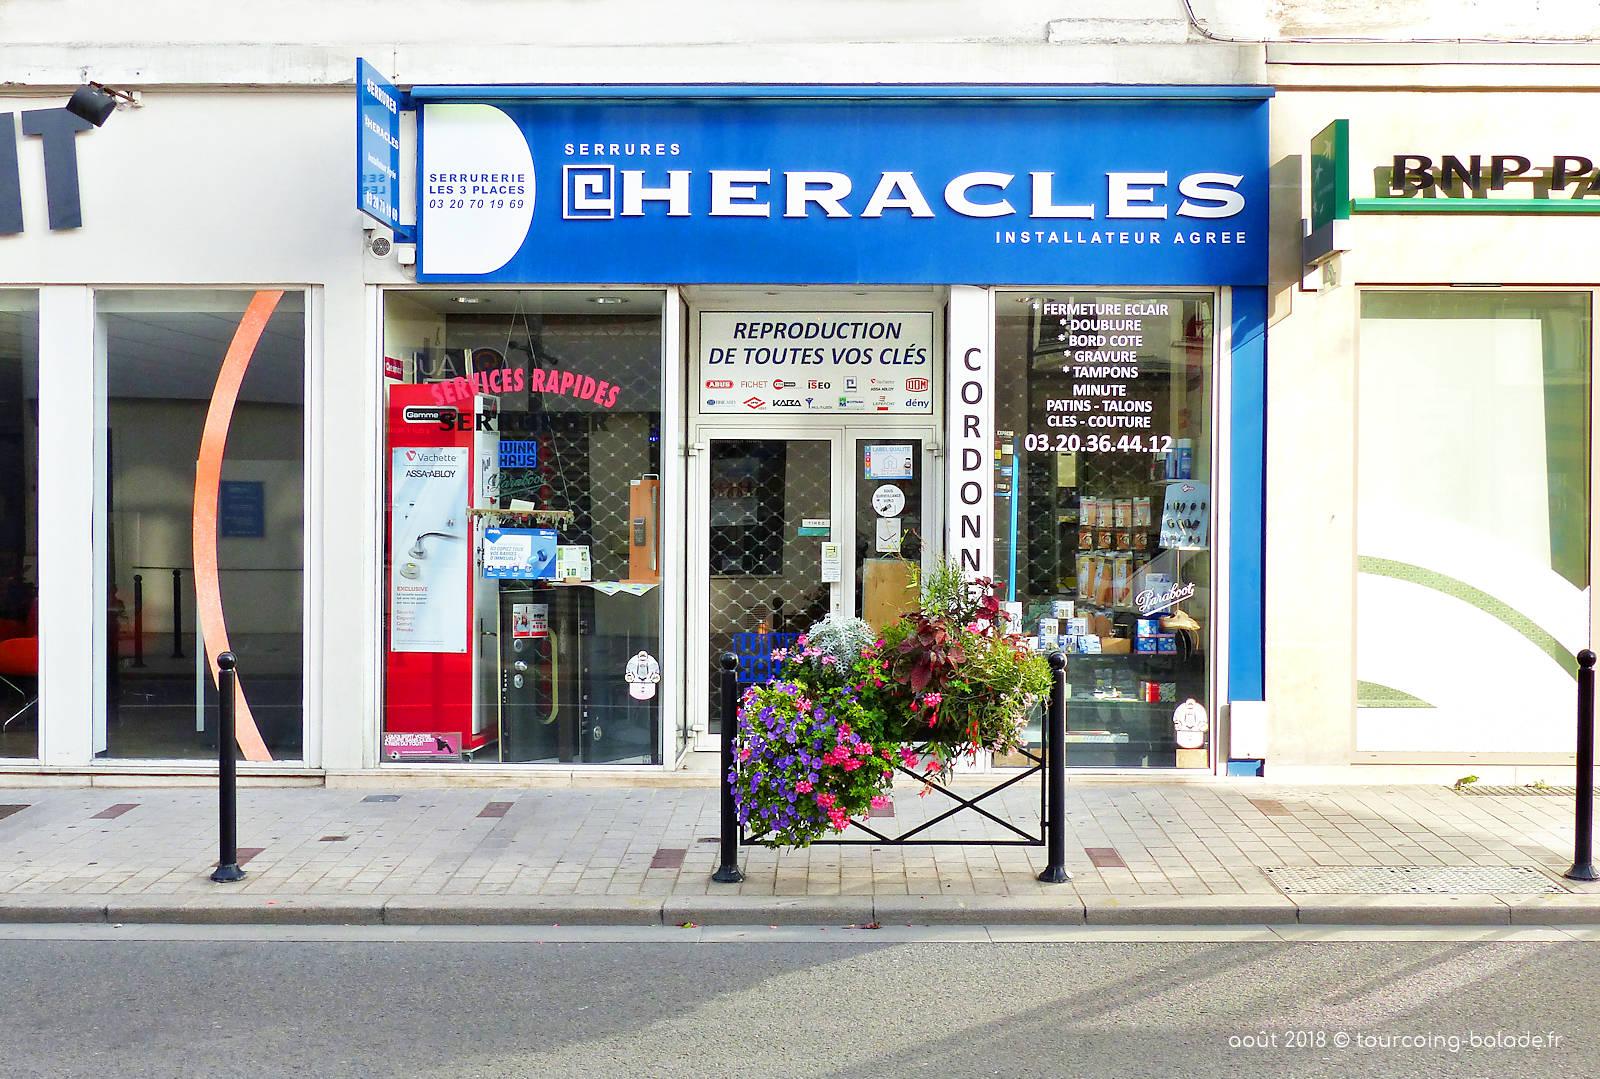 Serrurier Cordonnier Les 3 Places, Tourcoing Centre.